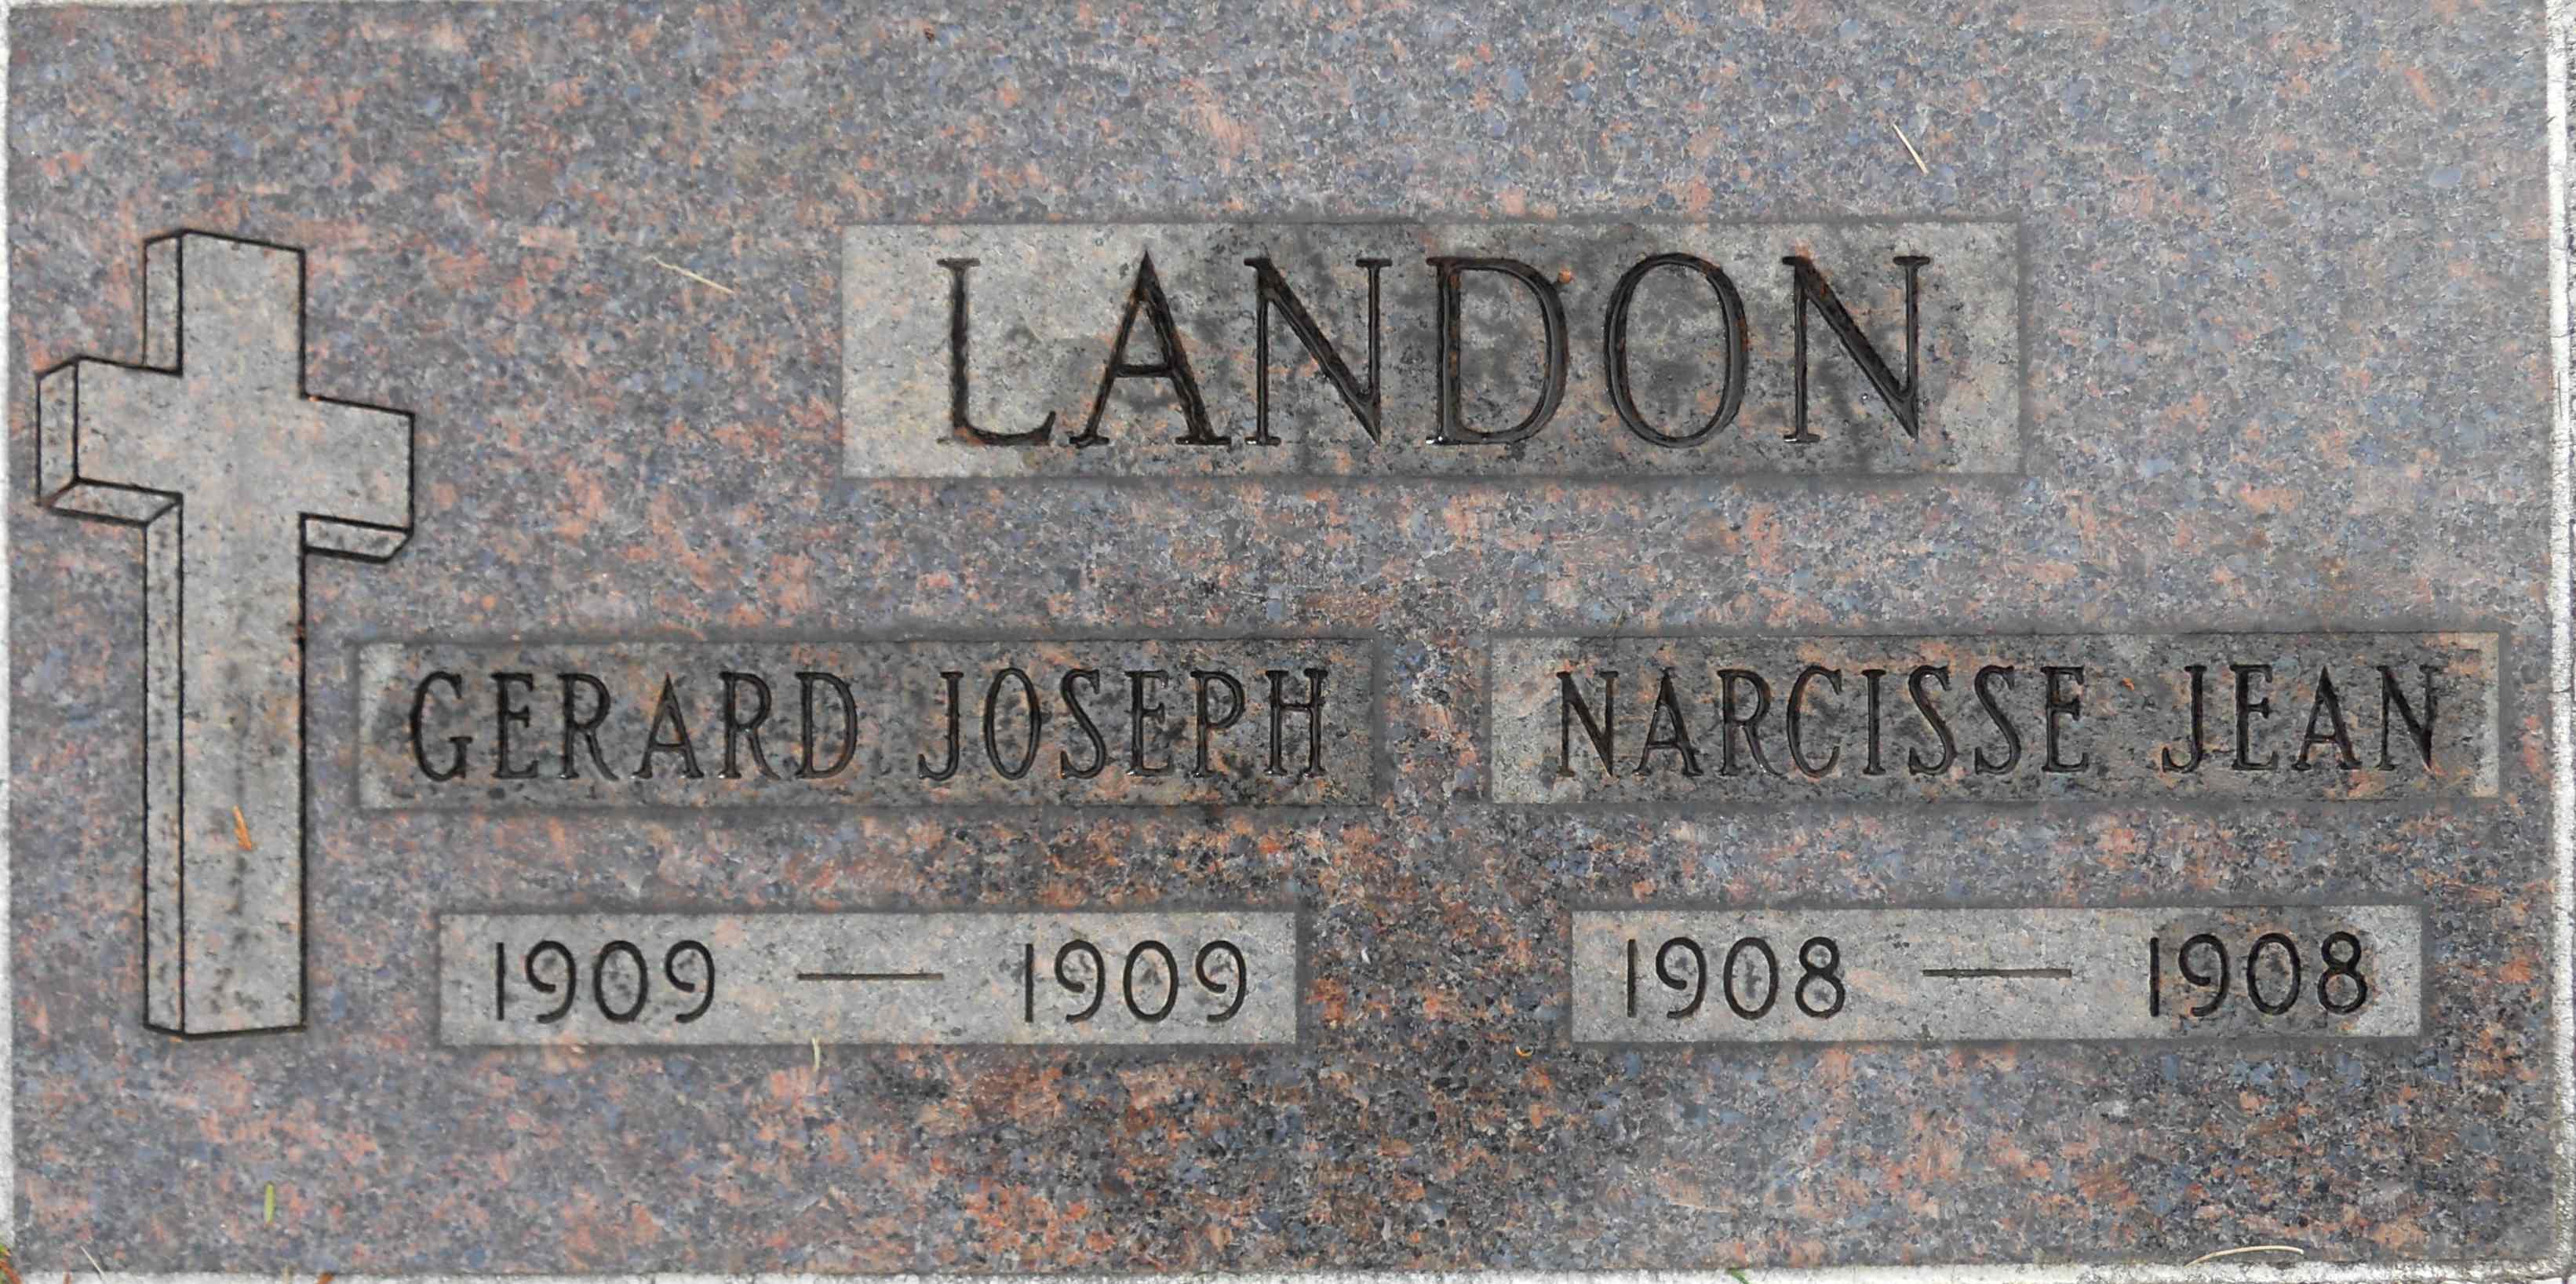 Narcisse Jean Landon